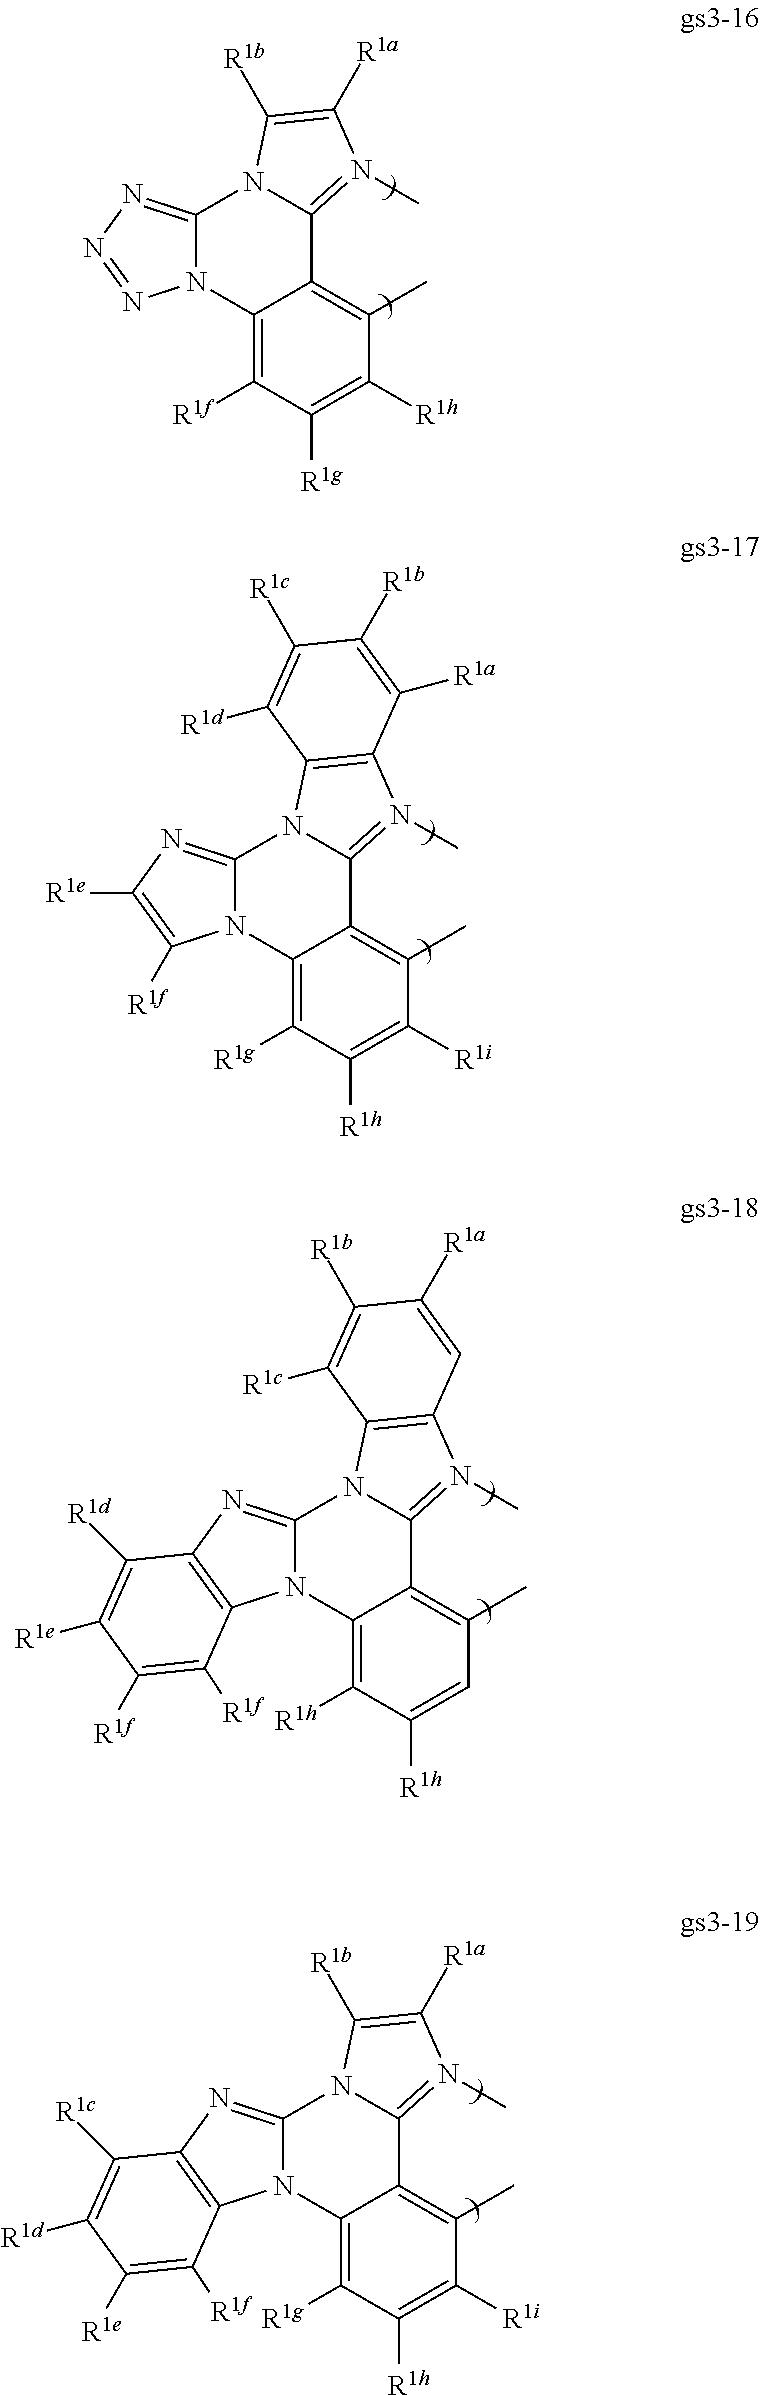 Figure US20110073849A1-20110331-C00183